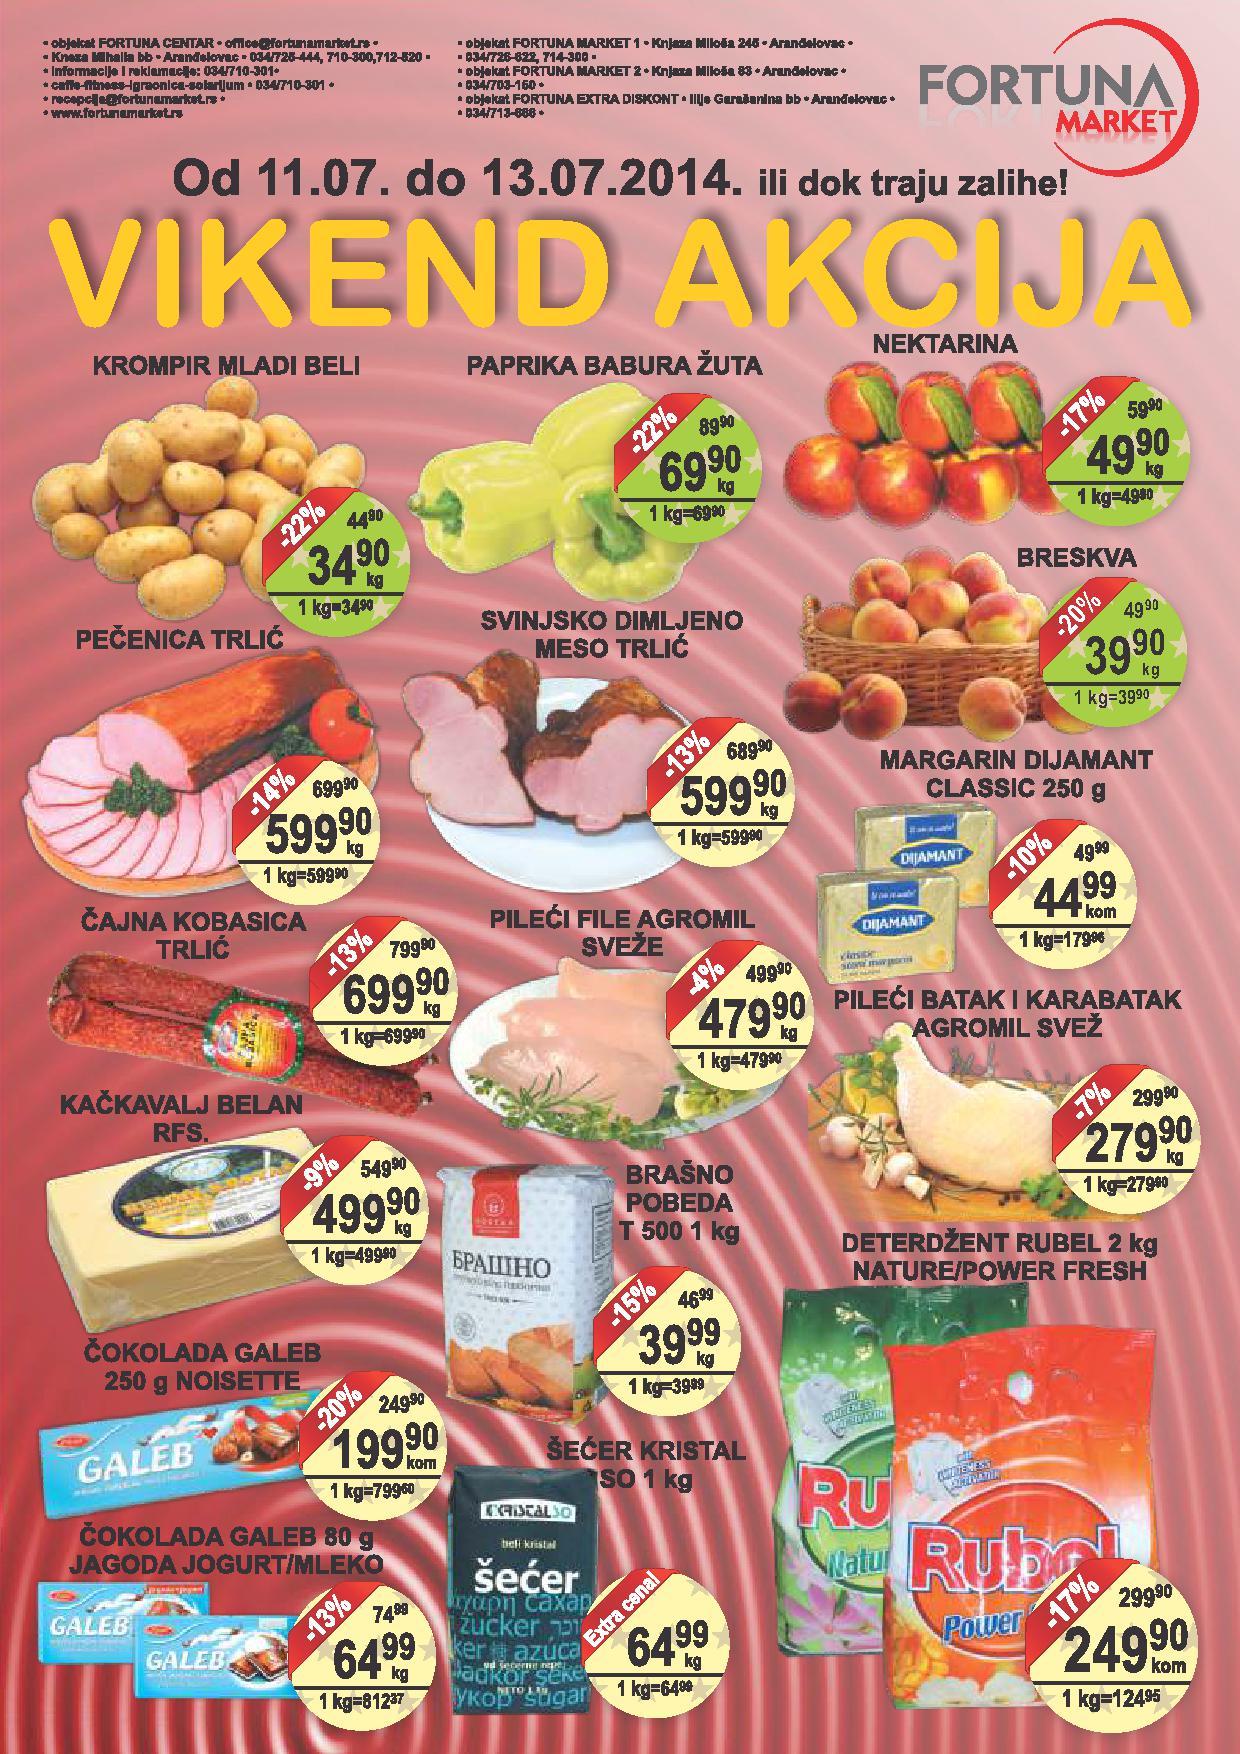 Fortuna market akcija vikend sjajnih cena